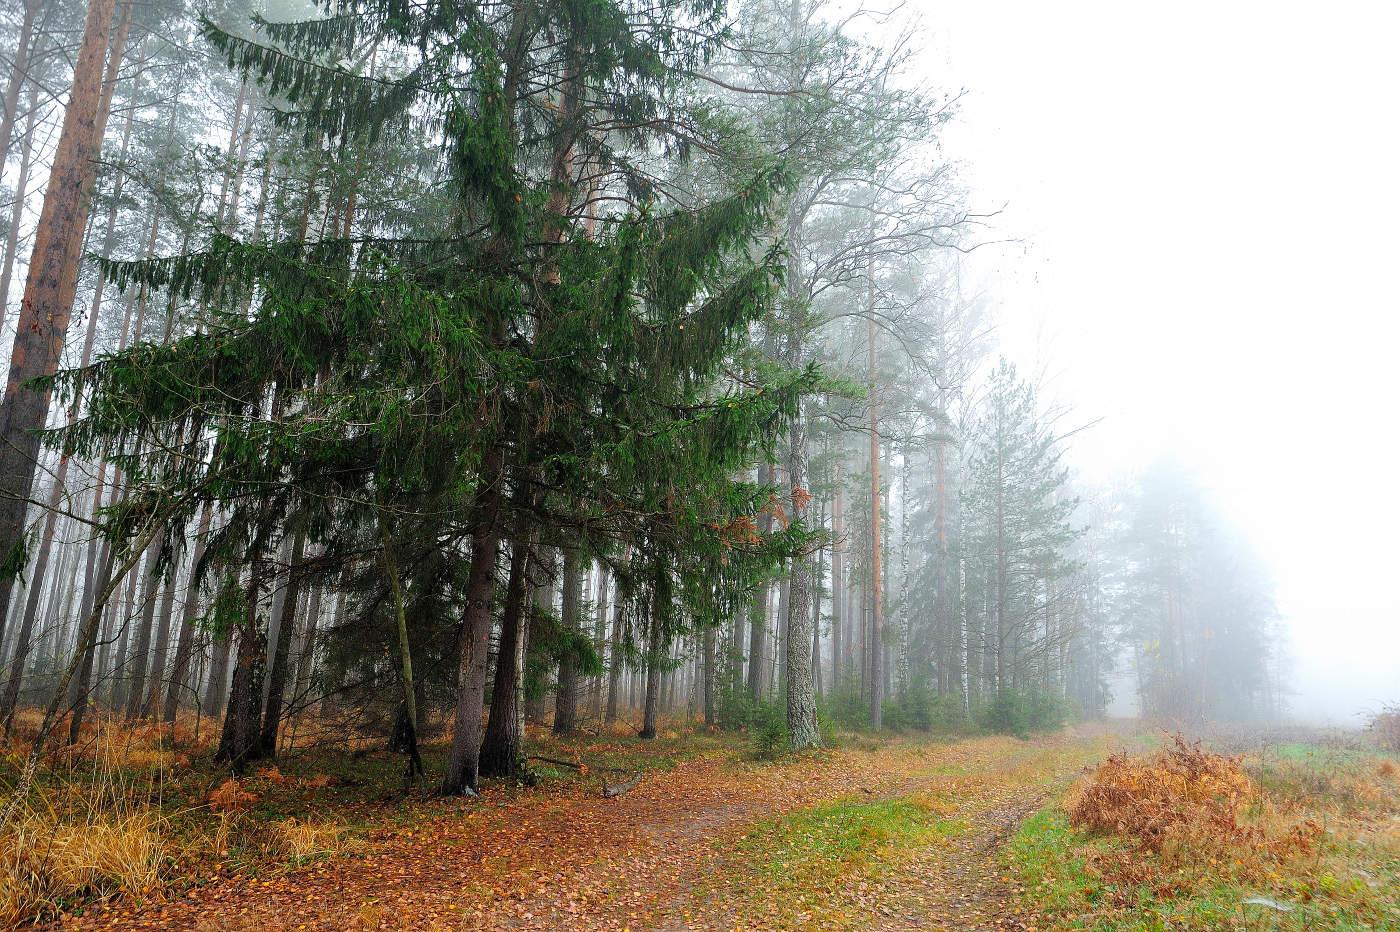 говорить осинки на опушке елового леса картинки весь мир есть